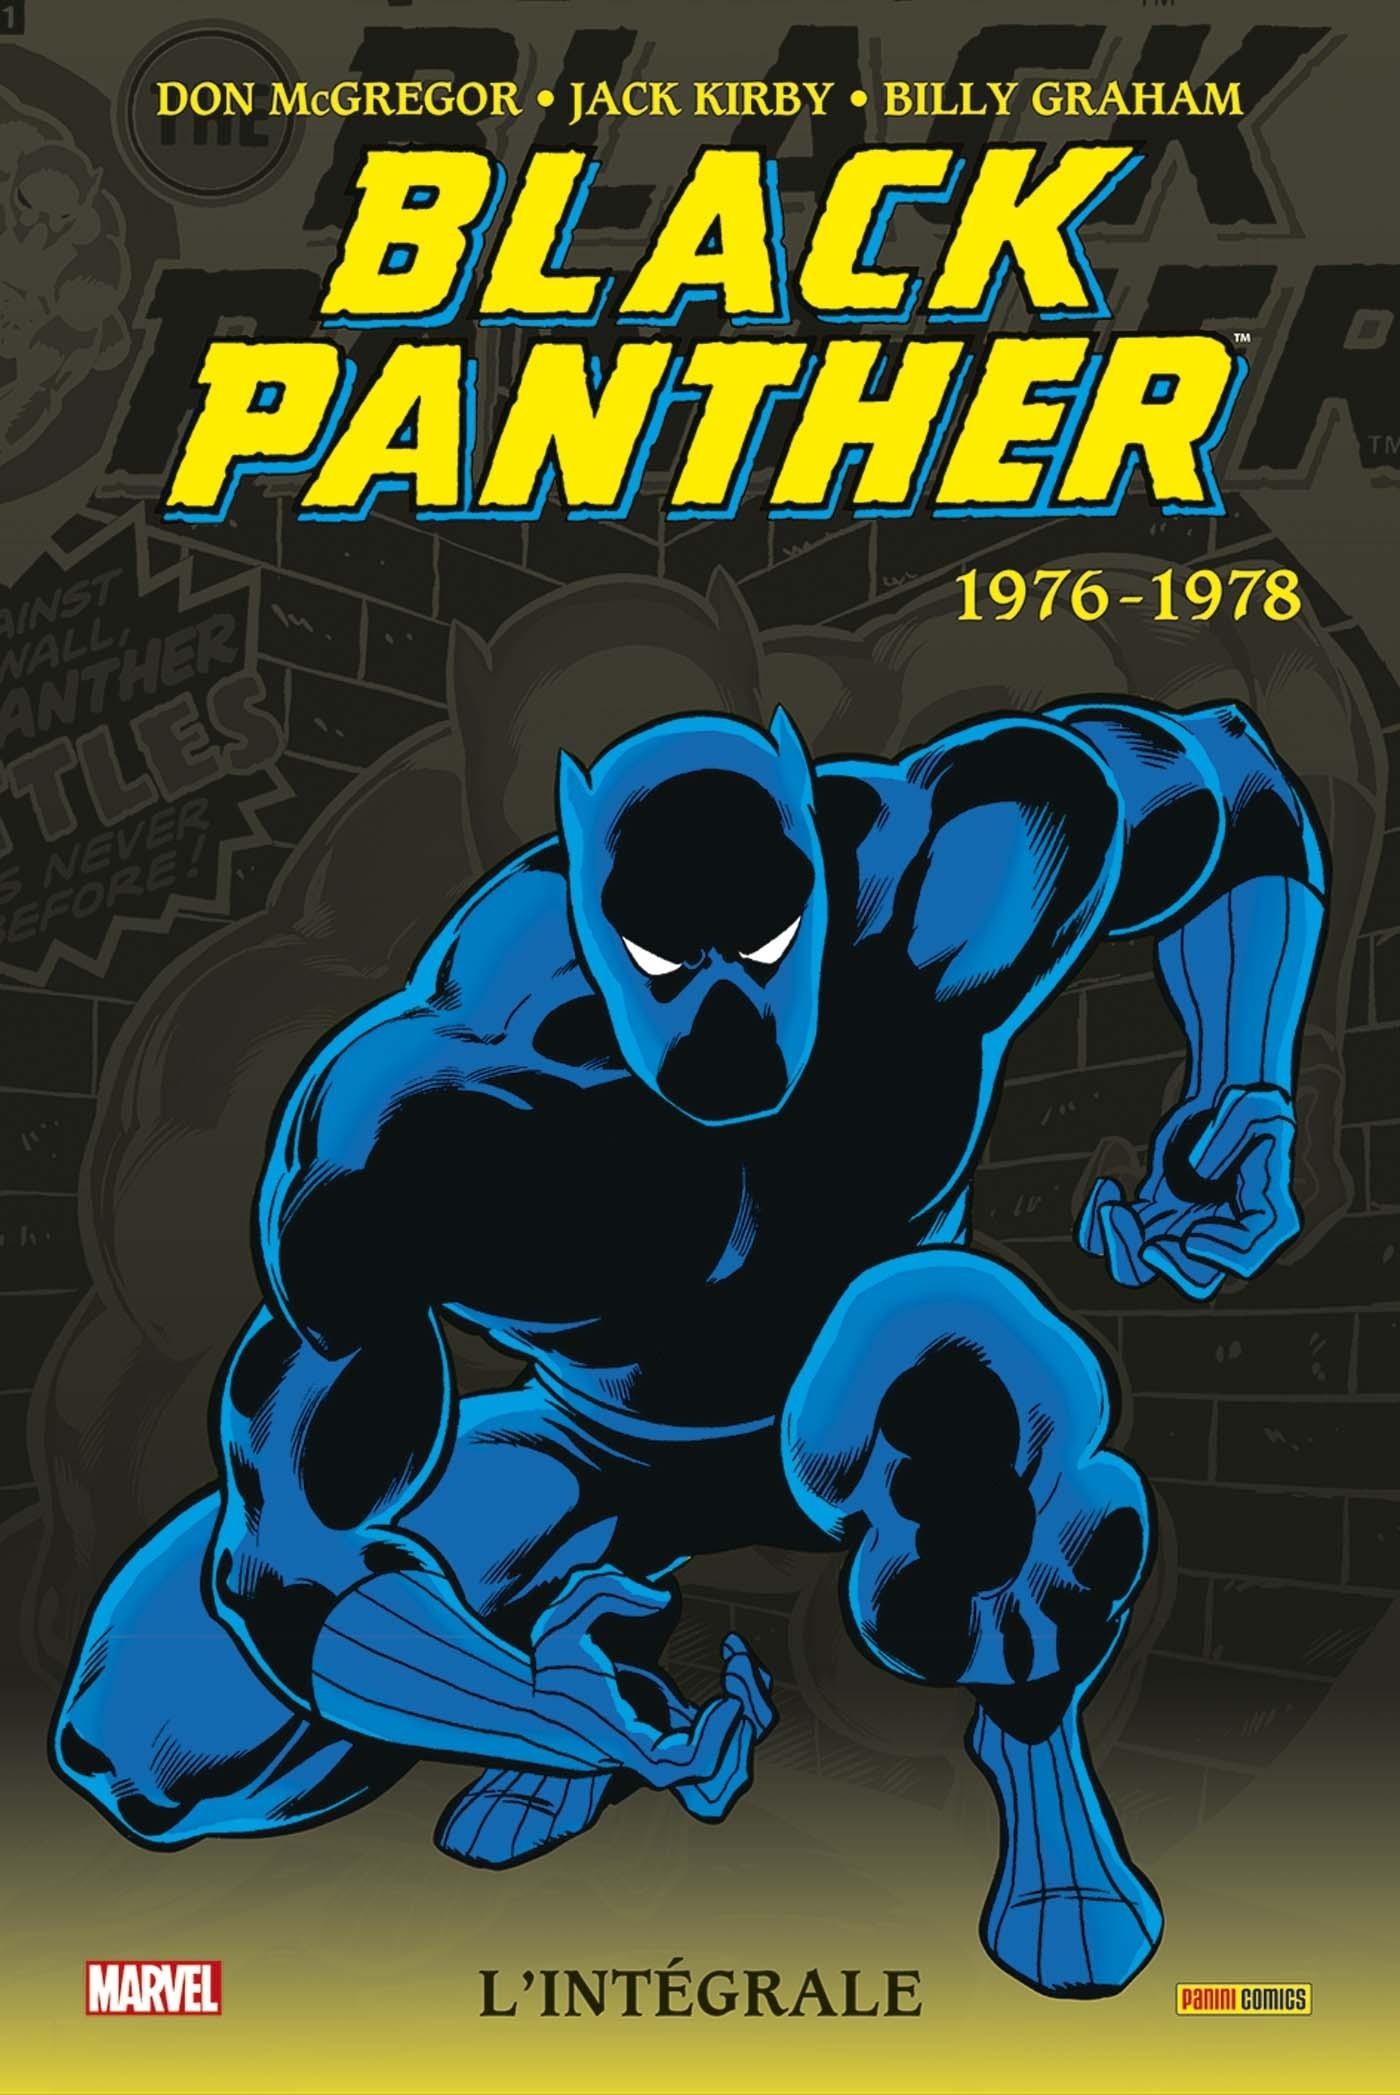 BLACK PANTHER - INTEGRALE 1976-1978